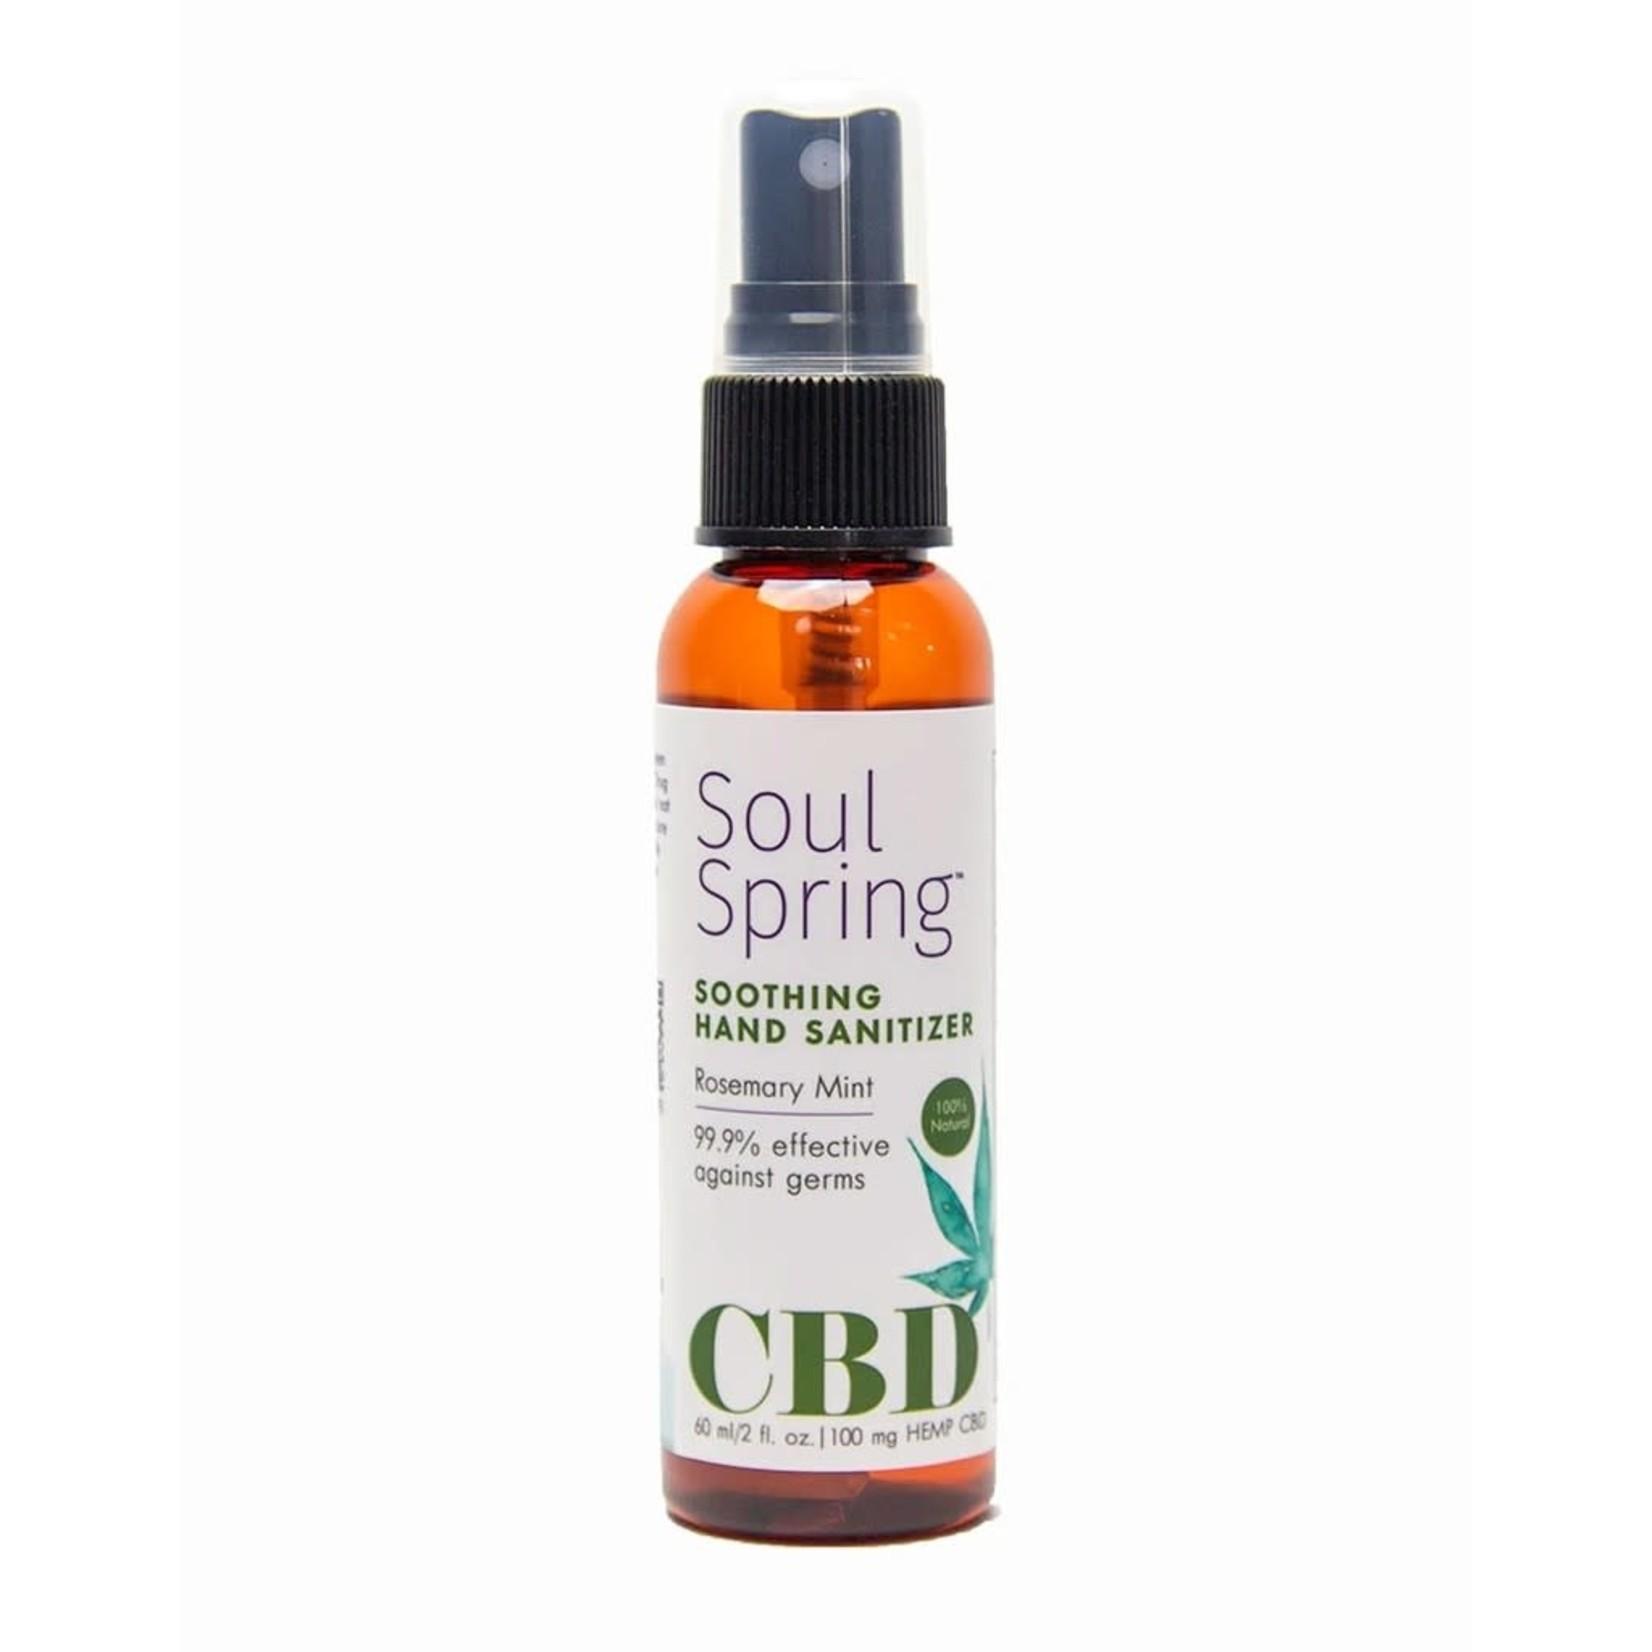 Soul Spring Soul Spring Soothing Hand Sanitizer 2 oz.